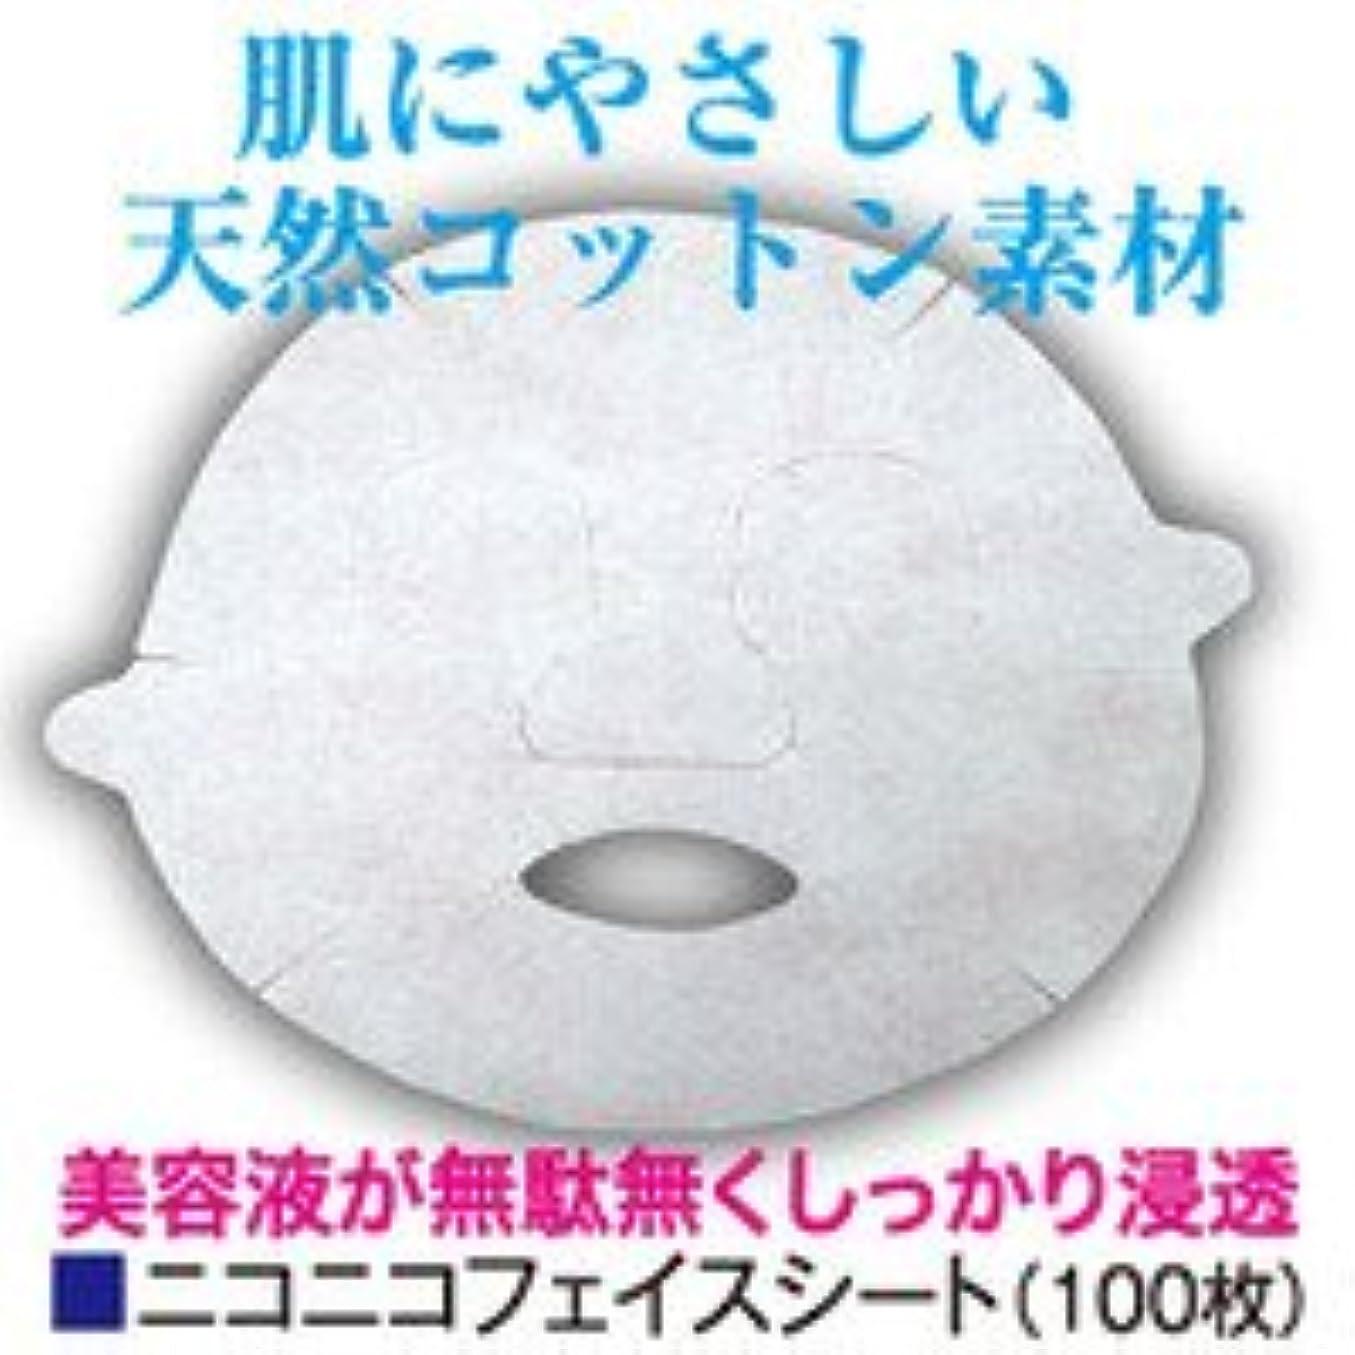 こだわりフルーツ野菜できるフェイスシート 【ニコニコフェイスシート】 100枚